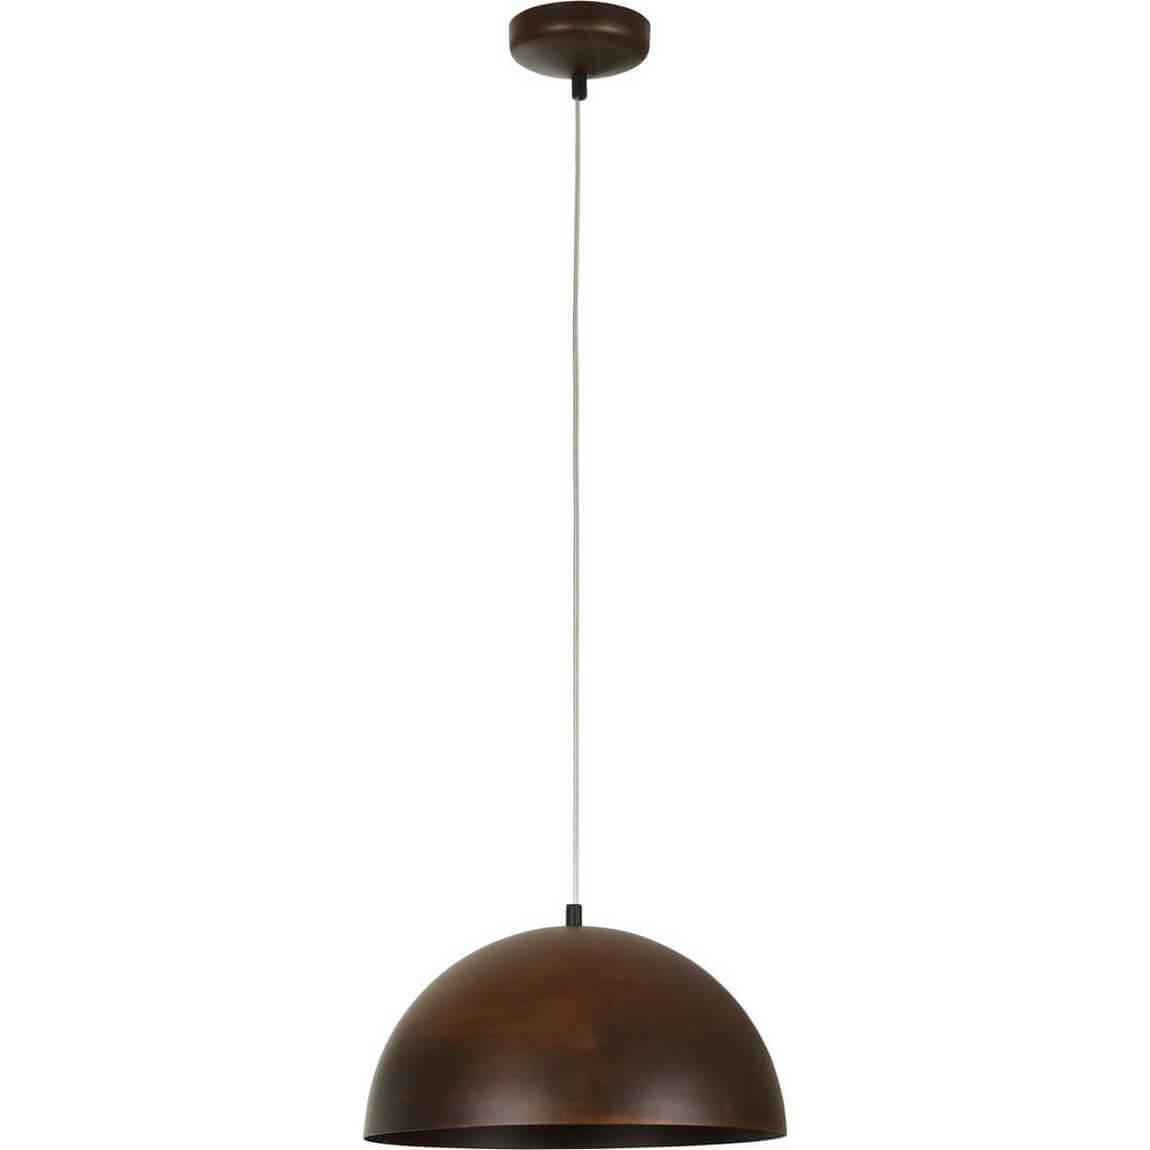 Светильник Nowodvorski 6367 Hemisphere Rust подвесной светильник nowodvorski hemisphere cracks 6371